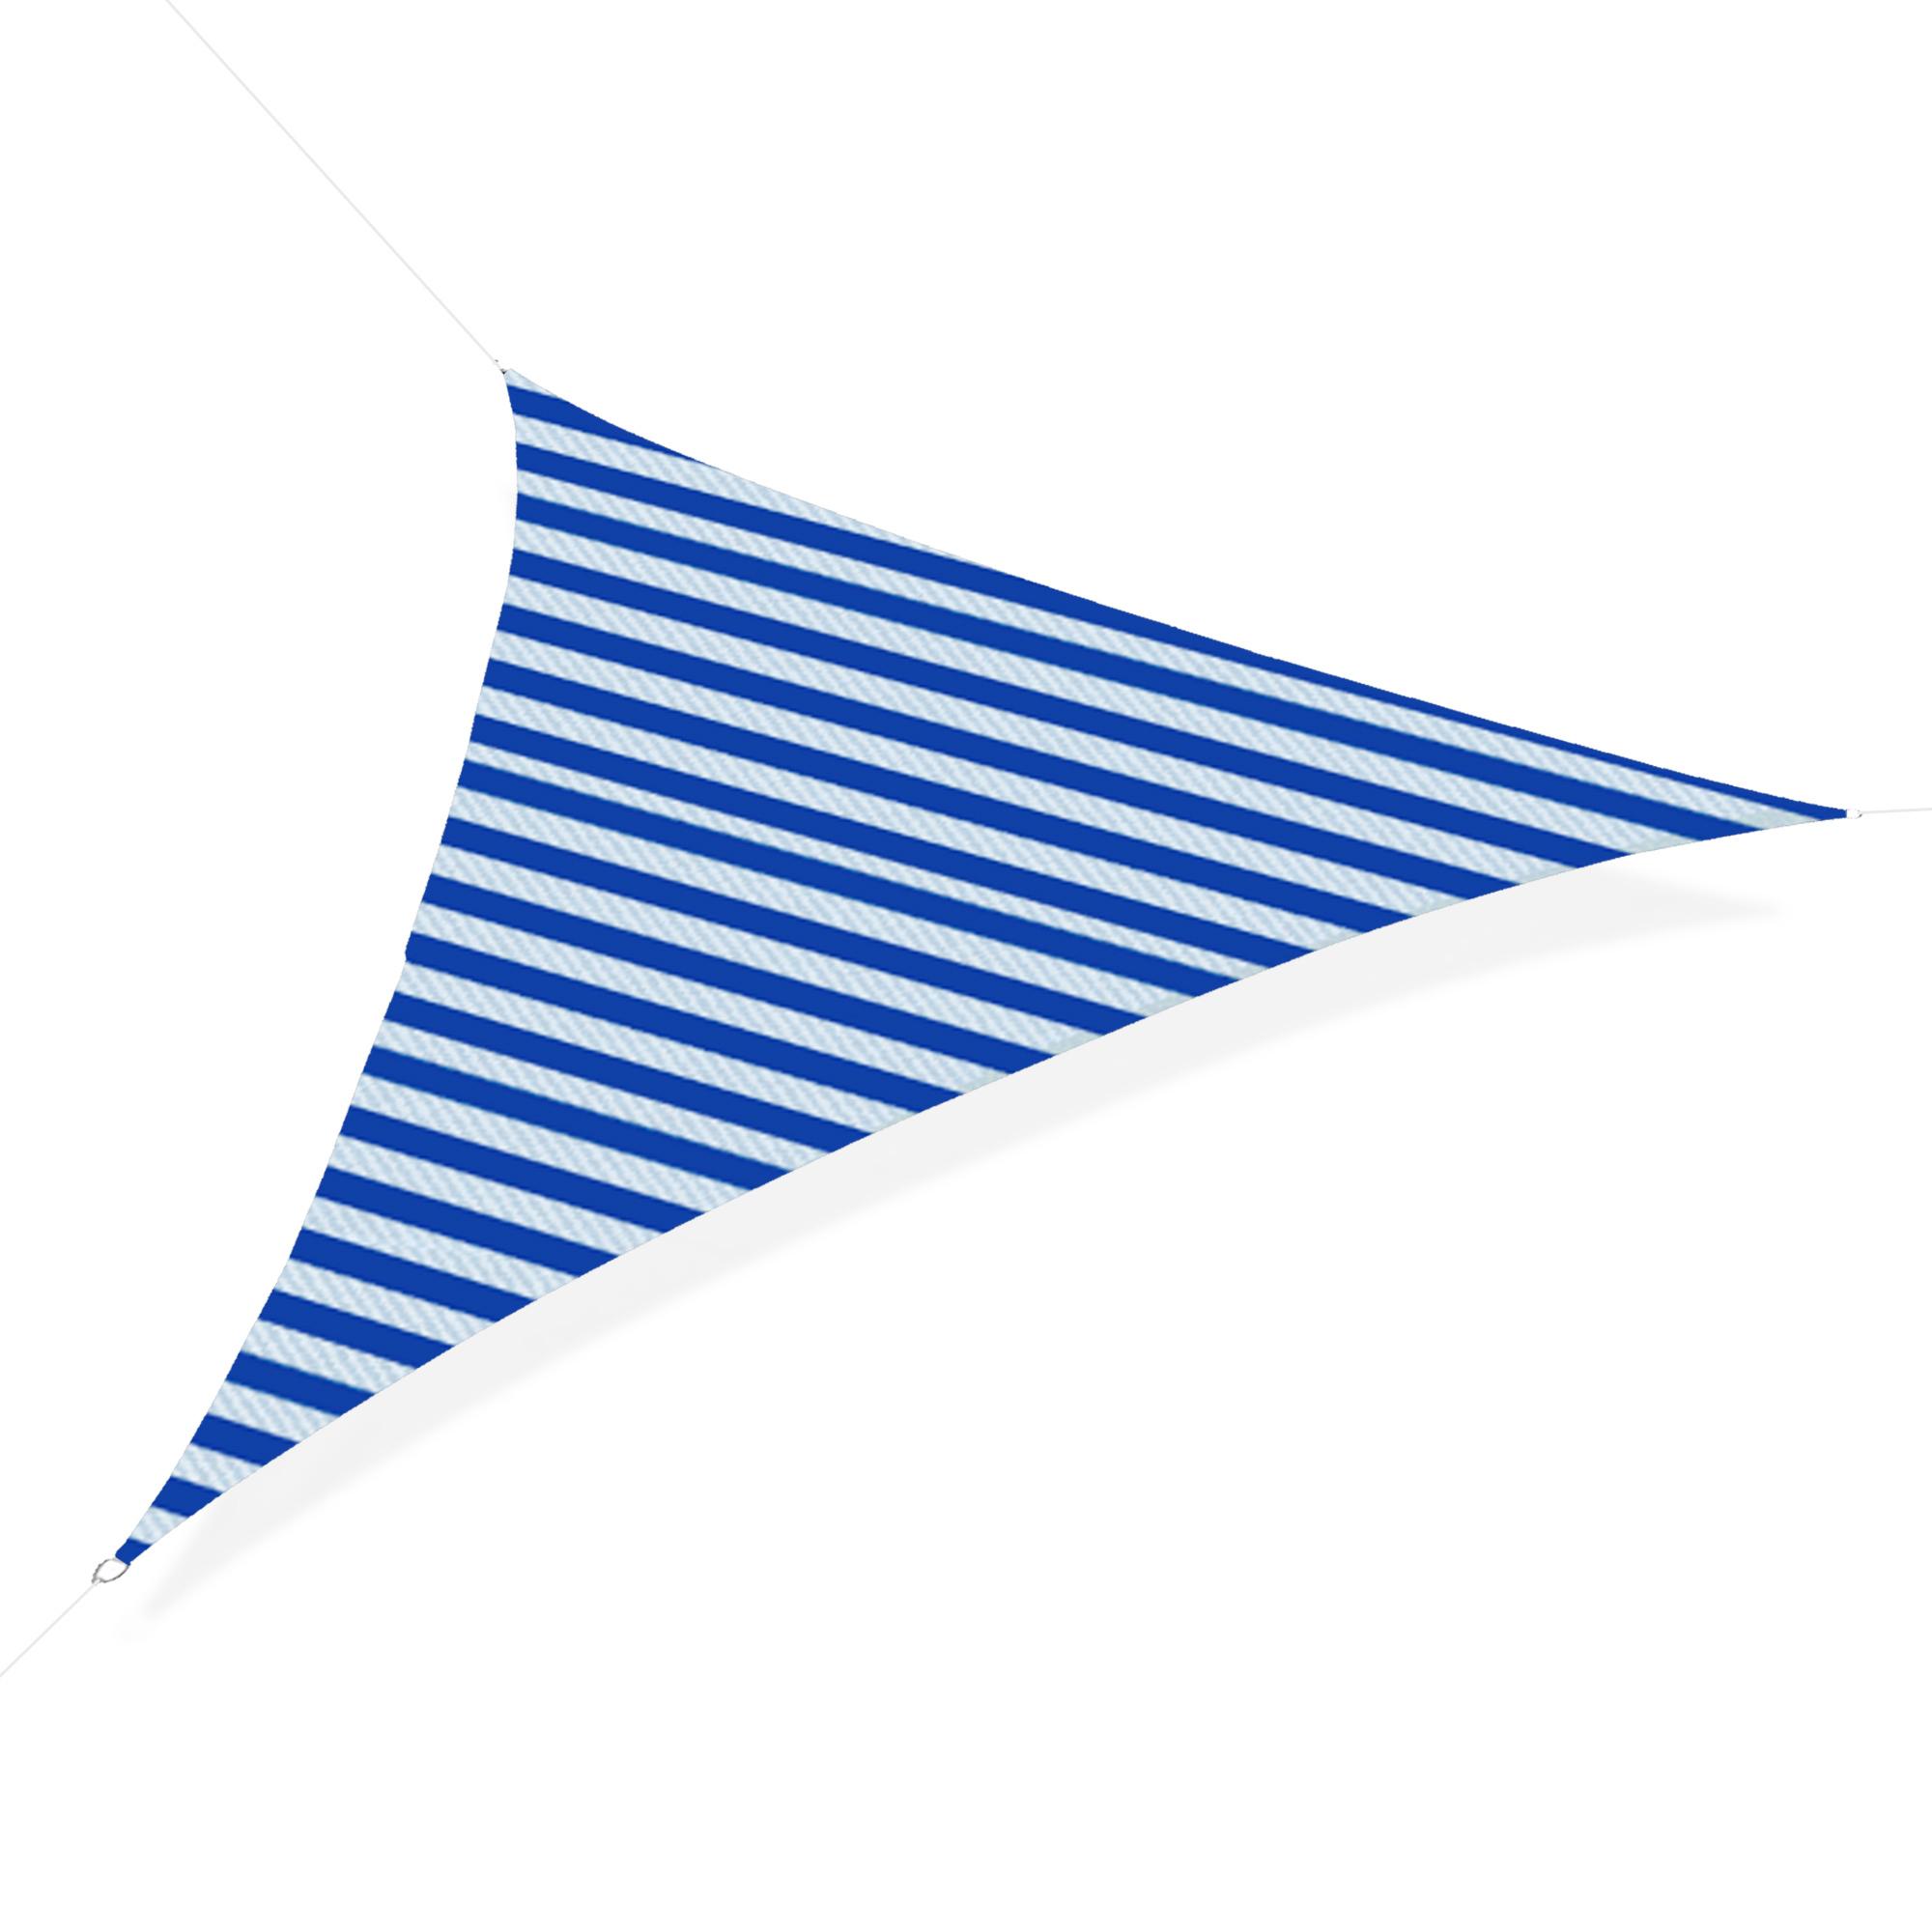 Outsunny Tenda da Sole Vela Ombreggiante Triangolare 5x5x5m Anti UV e Traspirante in HDPE, Bianca e Blu